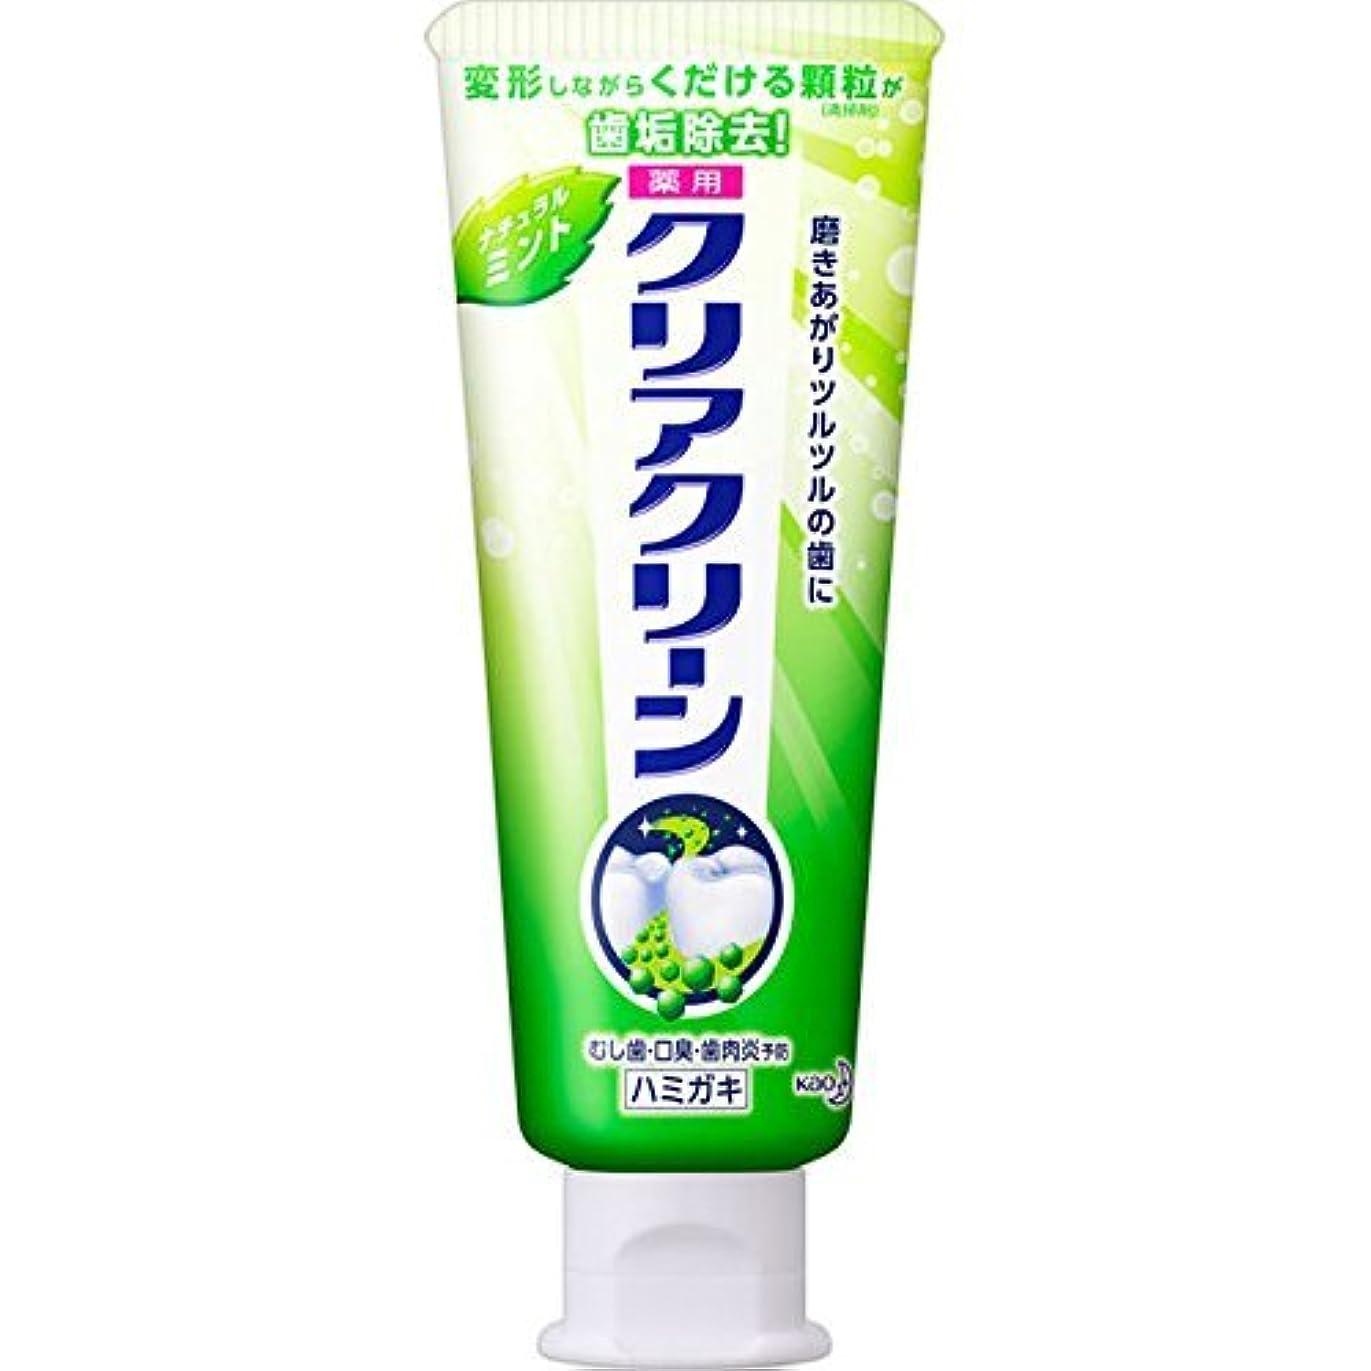 魂キャッチ計画花王 クリアクリーンナチュラルミント小 80g (医薬部外品)